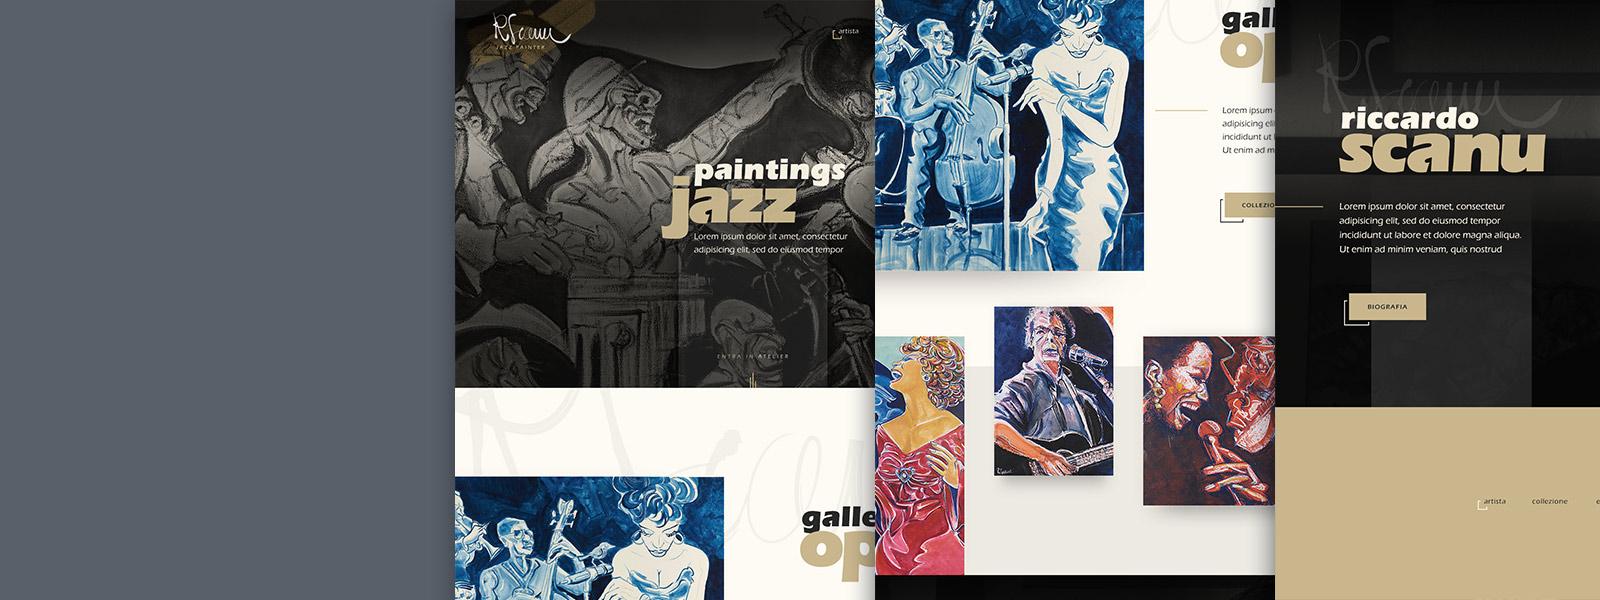 Muse Comunicazione - Riccardo Scanu Jazz Painting: Brand e Logo Design